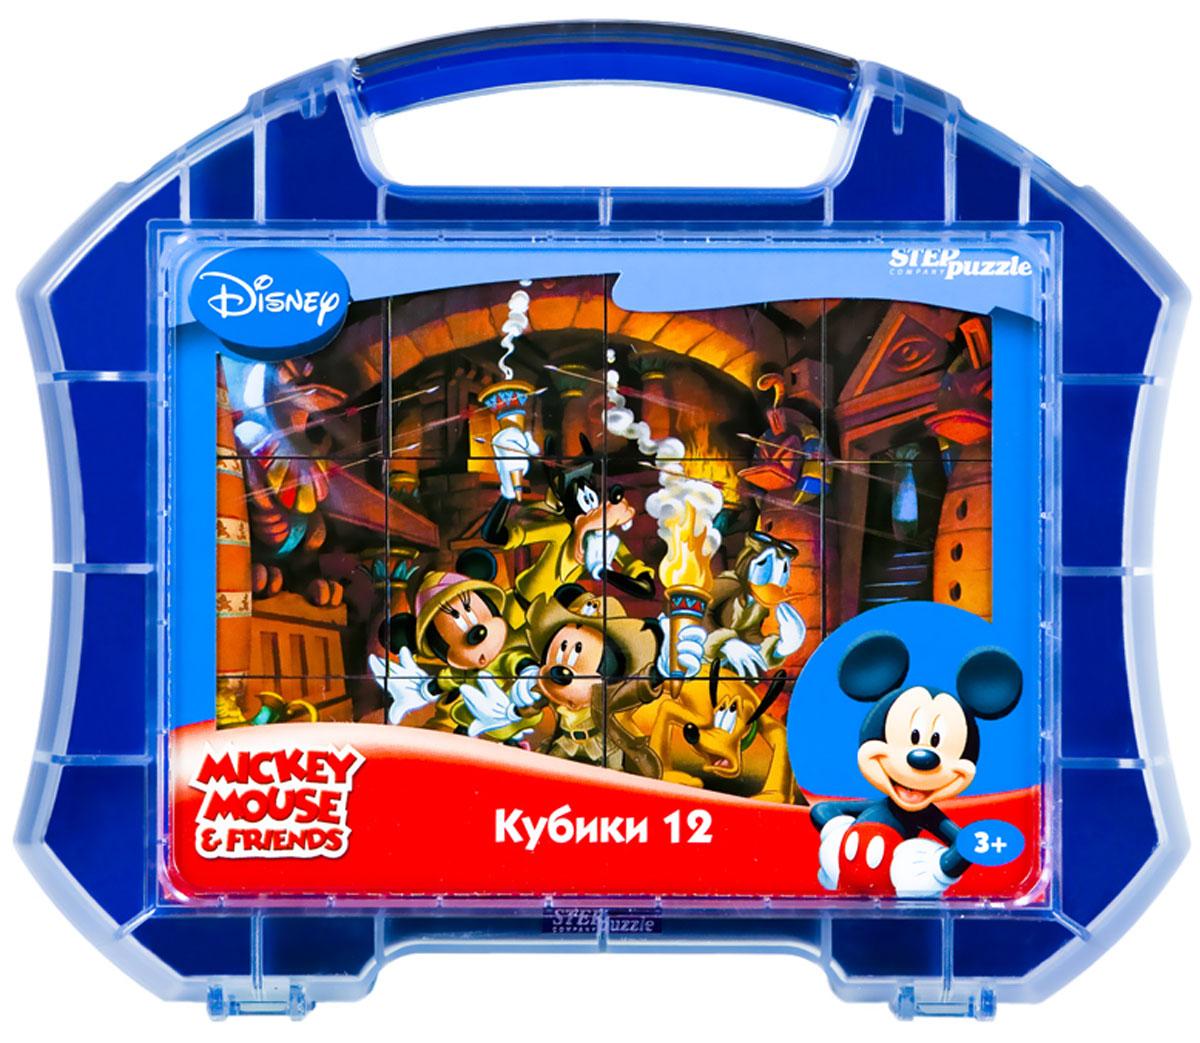 Step Puzzle Кубики Микки Маус в чемоданчике 12 шт87101С помощью кубиков Step Puzzle Микки Маус ребенок сможет собрать целых шесть красочных картинок с любимыми героями мультсериала о Микки Маусе и его друзьях. Наборы из 12 кубиков - для тех, кто освоил навык сборки картинки из 9 кубиков. Заложенный дидактический принцип От простого к сложному позволит ребёнку поверить свои силы. А герои популярных мультфильмов сделают кубики любимой игрушкой. Игра с кубиками развивает зрительное восприятие, наблюдательность, мелкую моторику рук и произвольные движения. Ребенок научится складывать целостный образ из частей, определять недостающие детали изображения. Это прекрасный комплект для развлечения и времяпрепровождения с пользой для малыша.